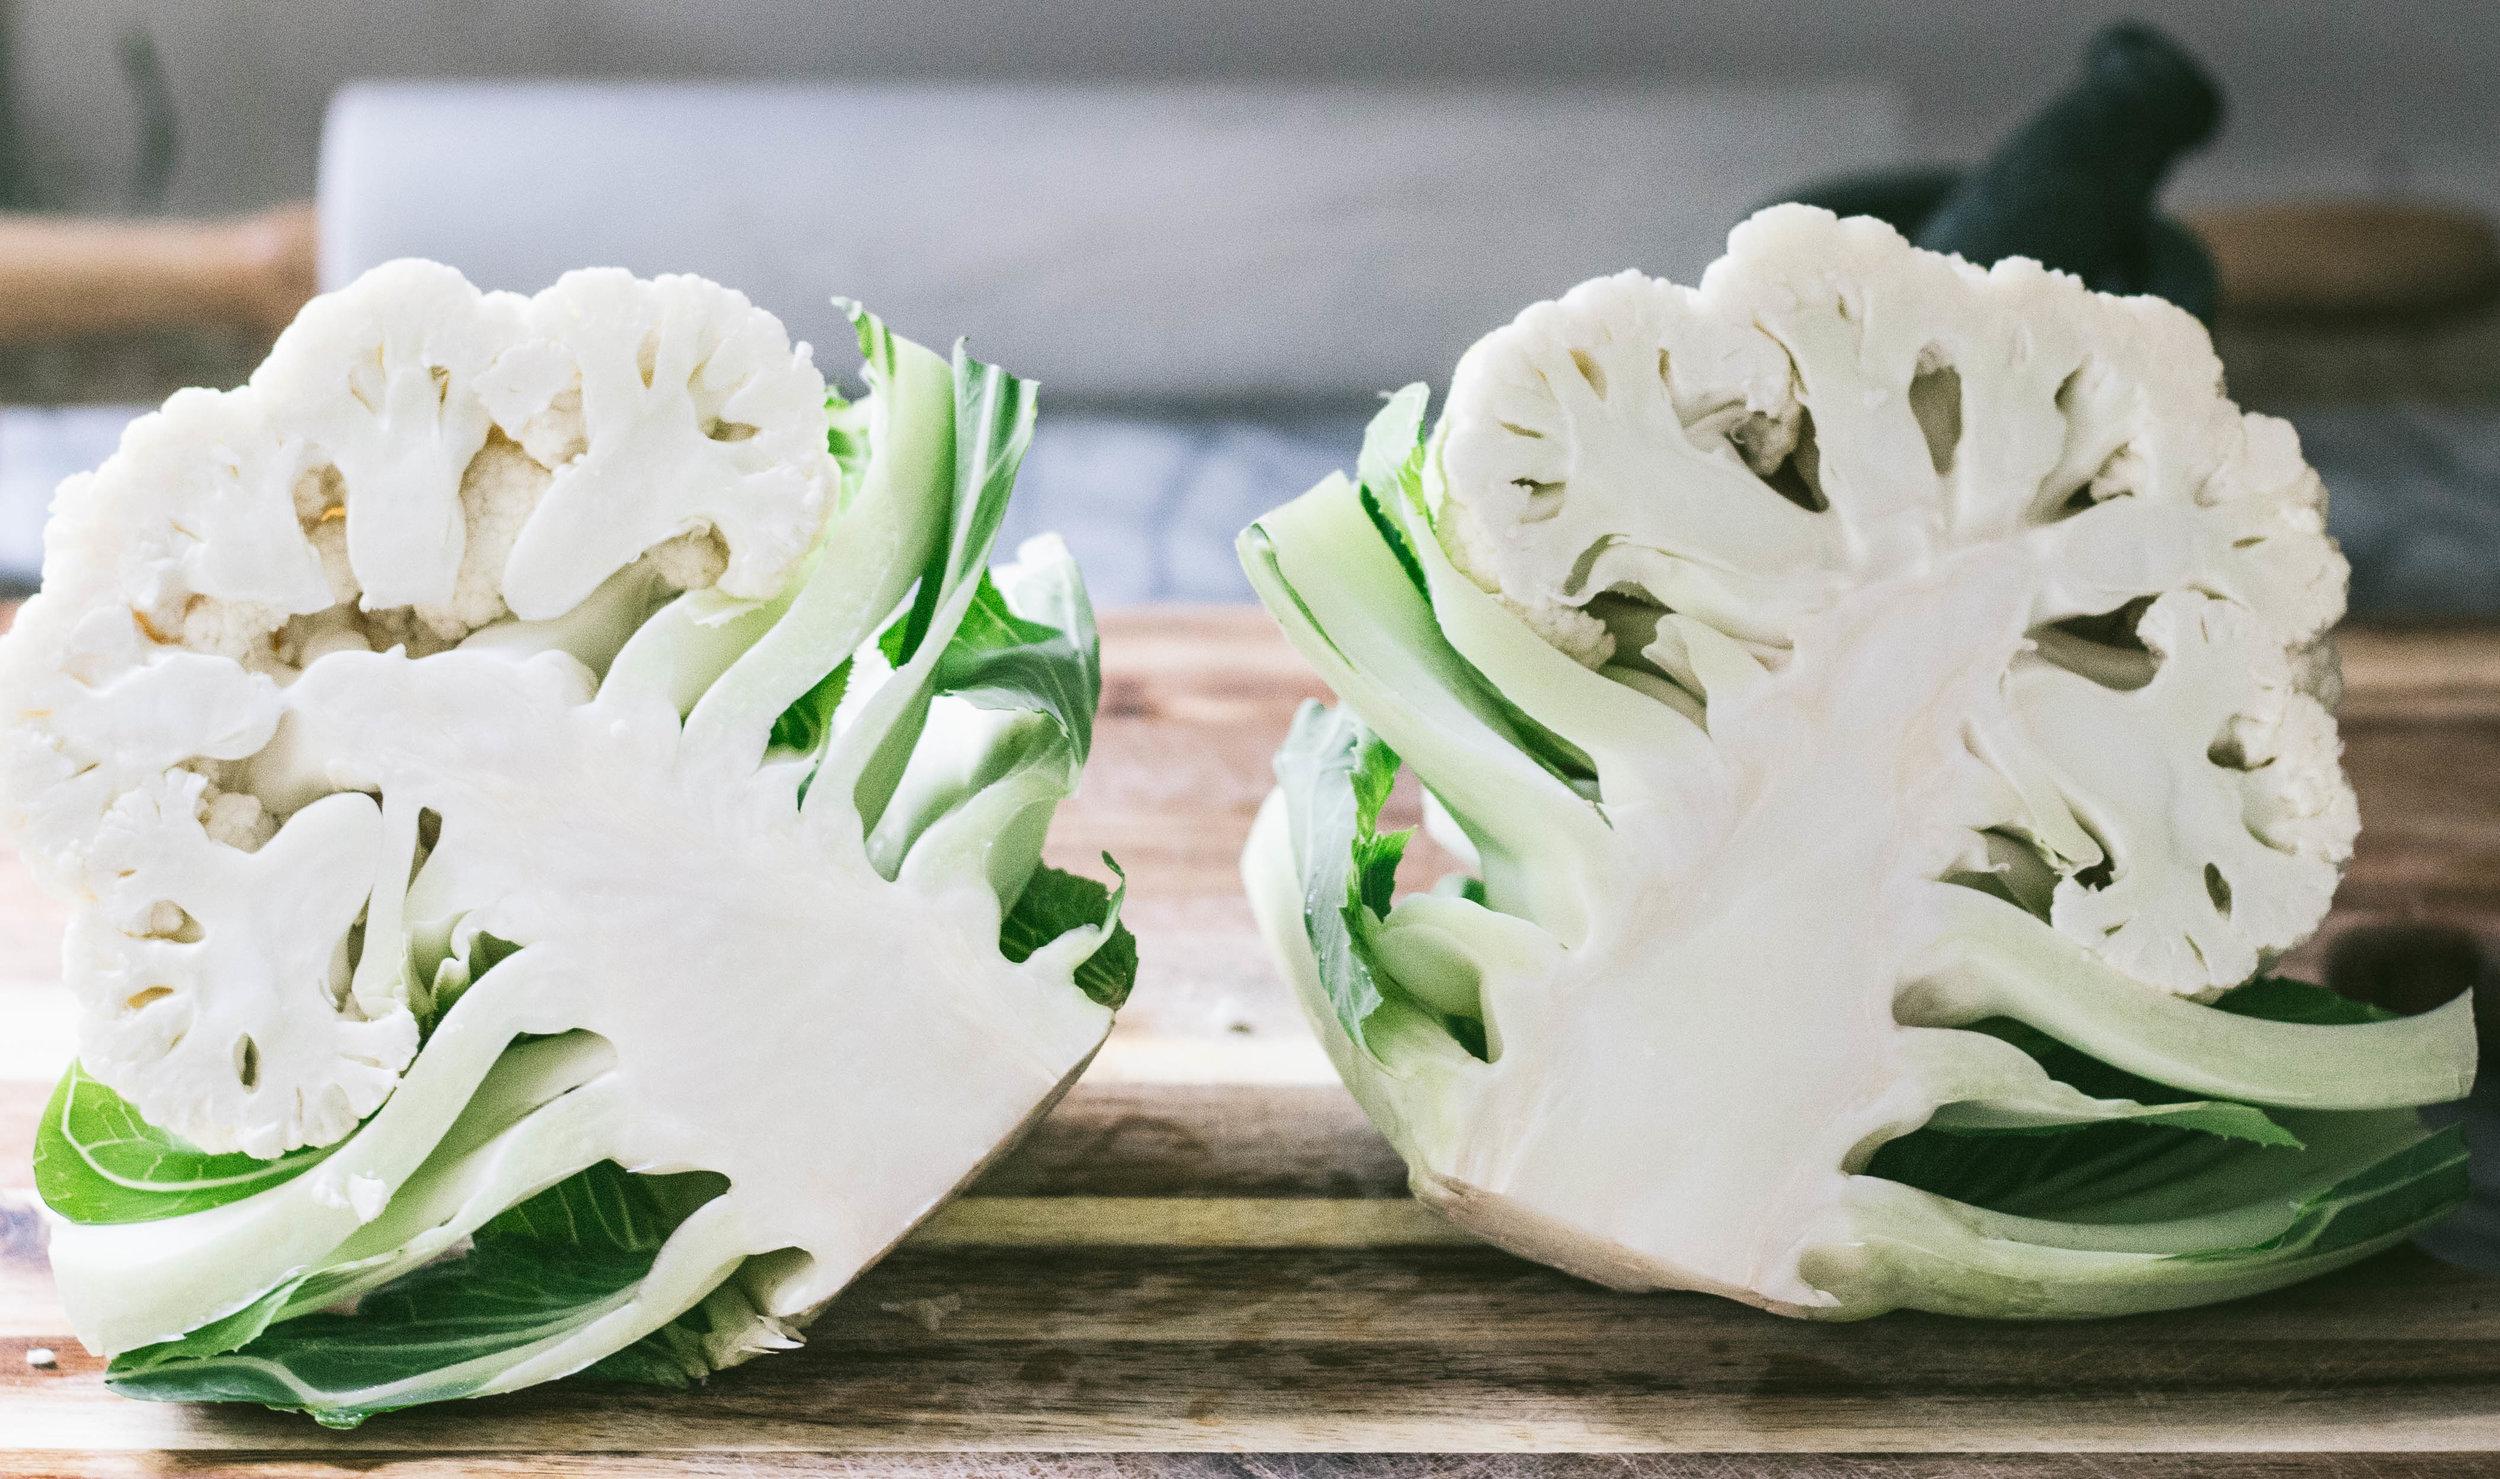 cauliflower - Rune Haus Recipes